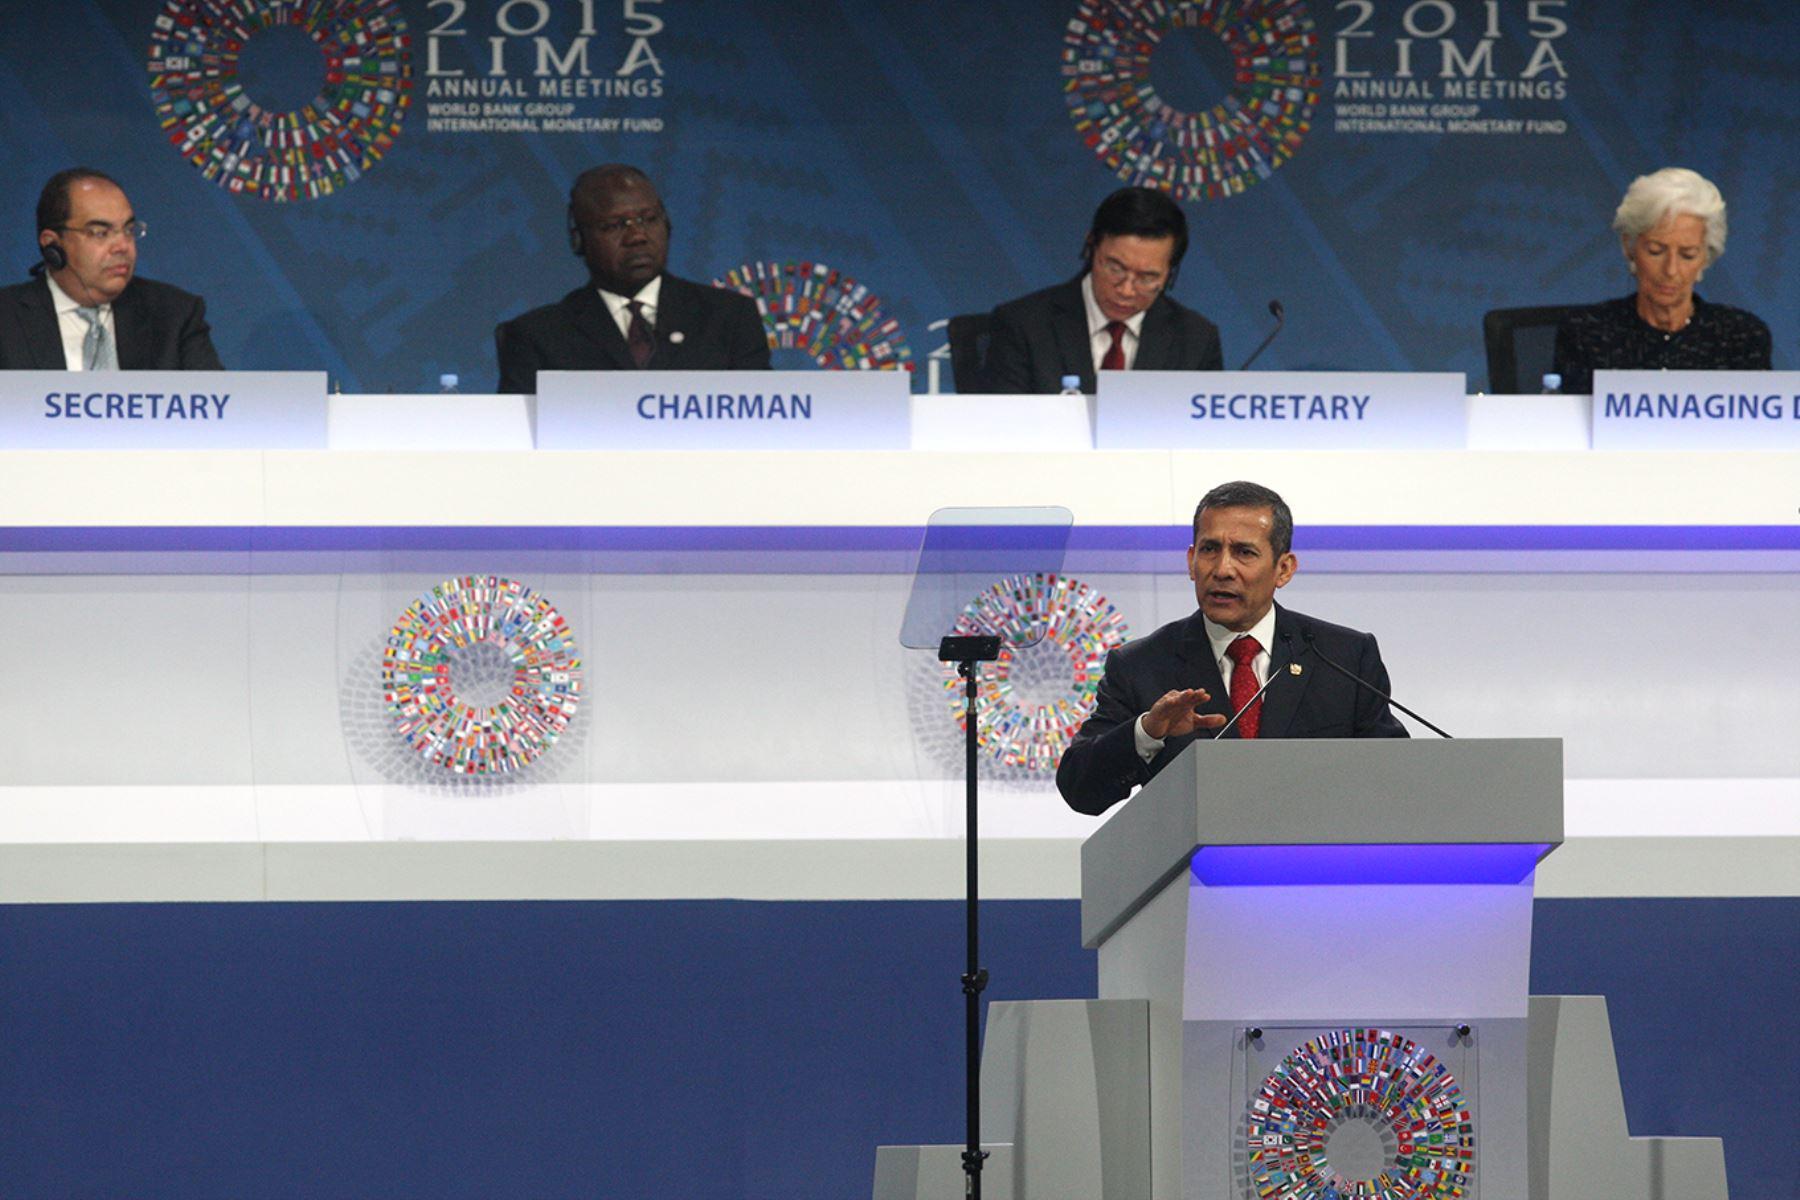 LIMA, PERÚ - OCTUBRE 09. El Presidente Ollanta Humala inauguró la sesión plenaria de las Reuniones Anuales.  Foto: ANDINA/Juan Carlos Guzmán Negrini.